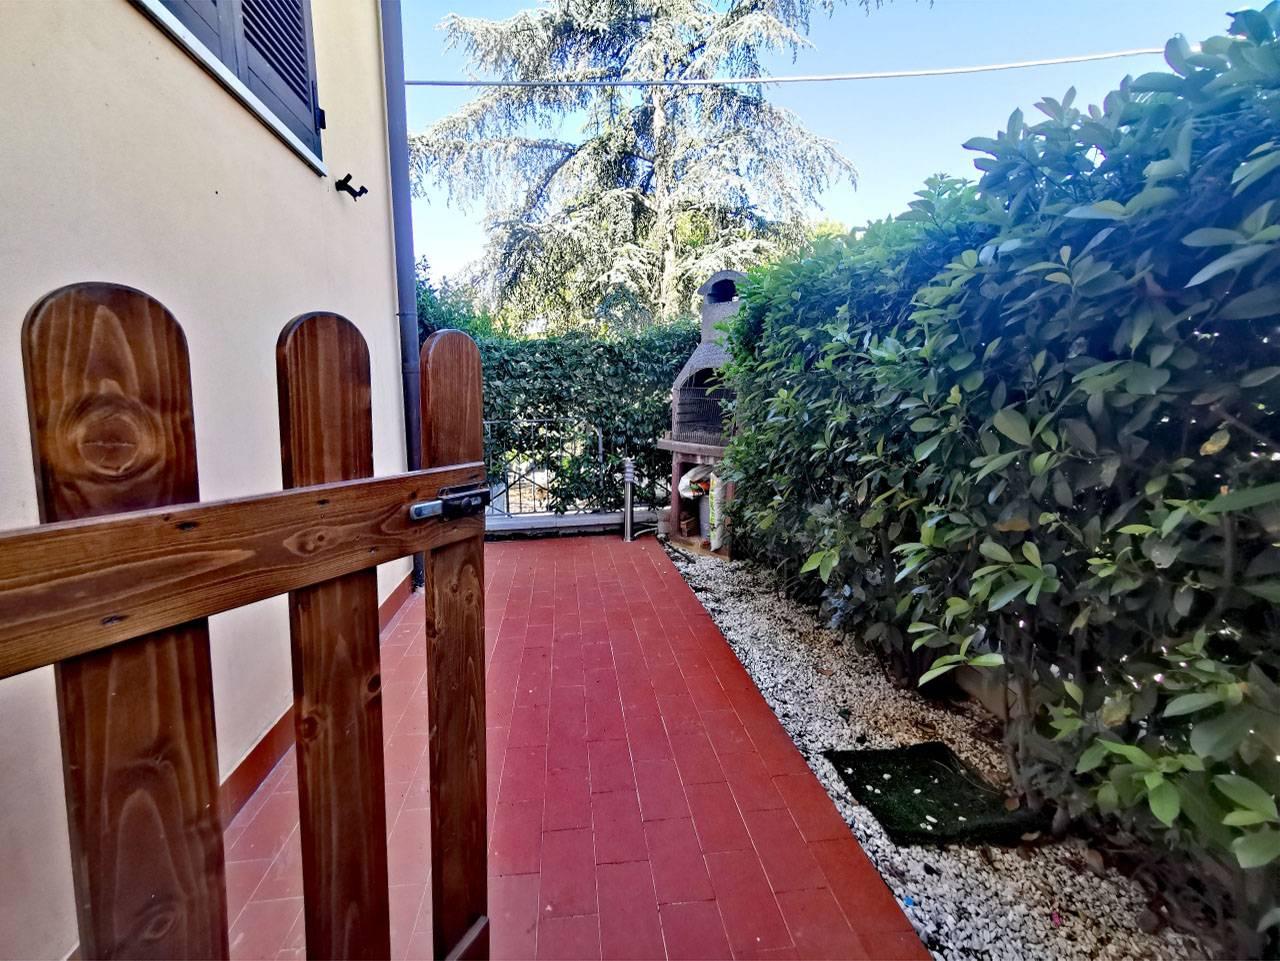 Appartamento in vendita a Santa Maria a Monte, 3 locali, zona Zona: Cerretti, prezzo € 120.000 | CambioCasa.it